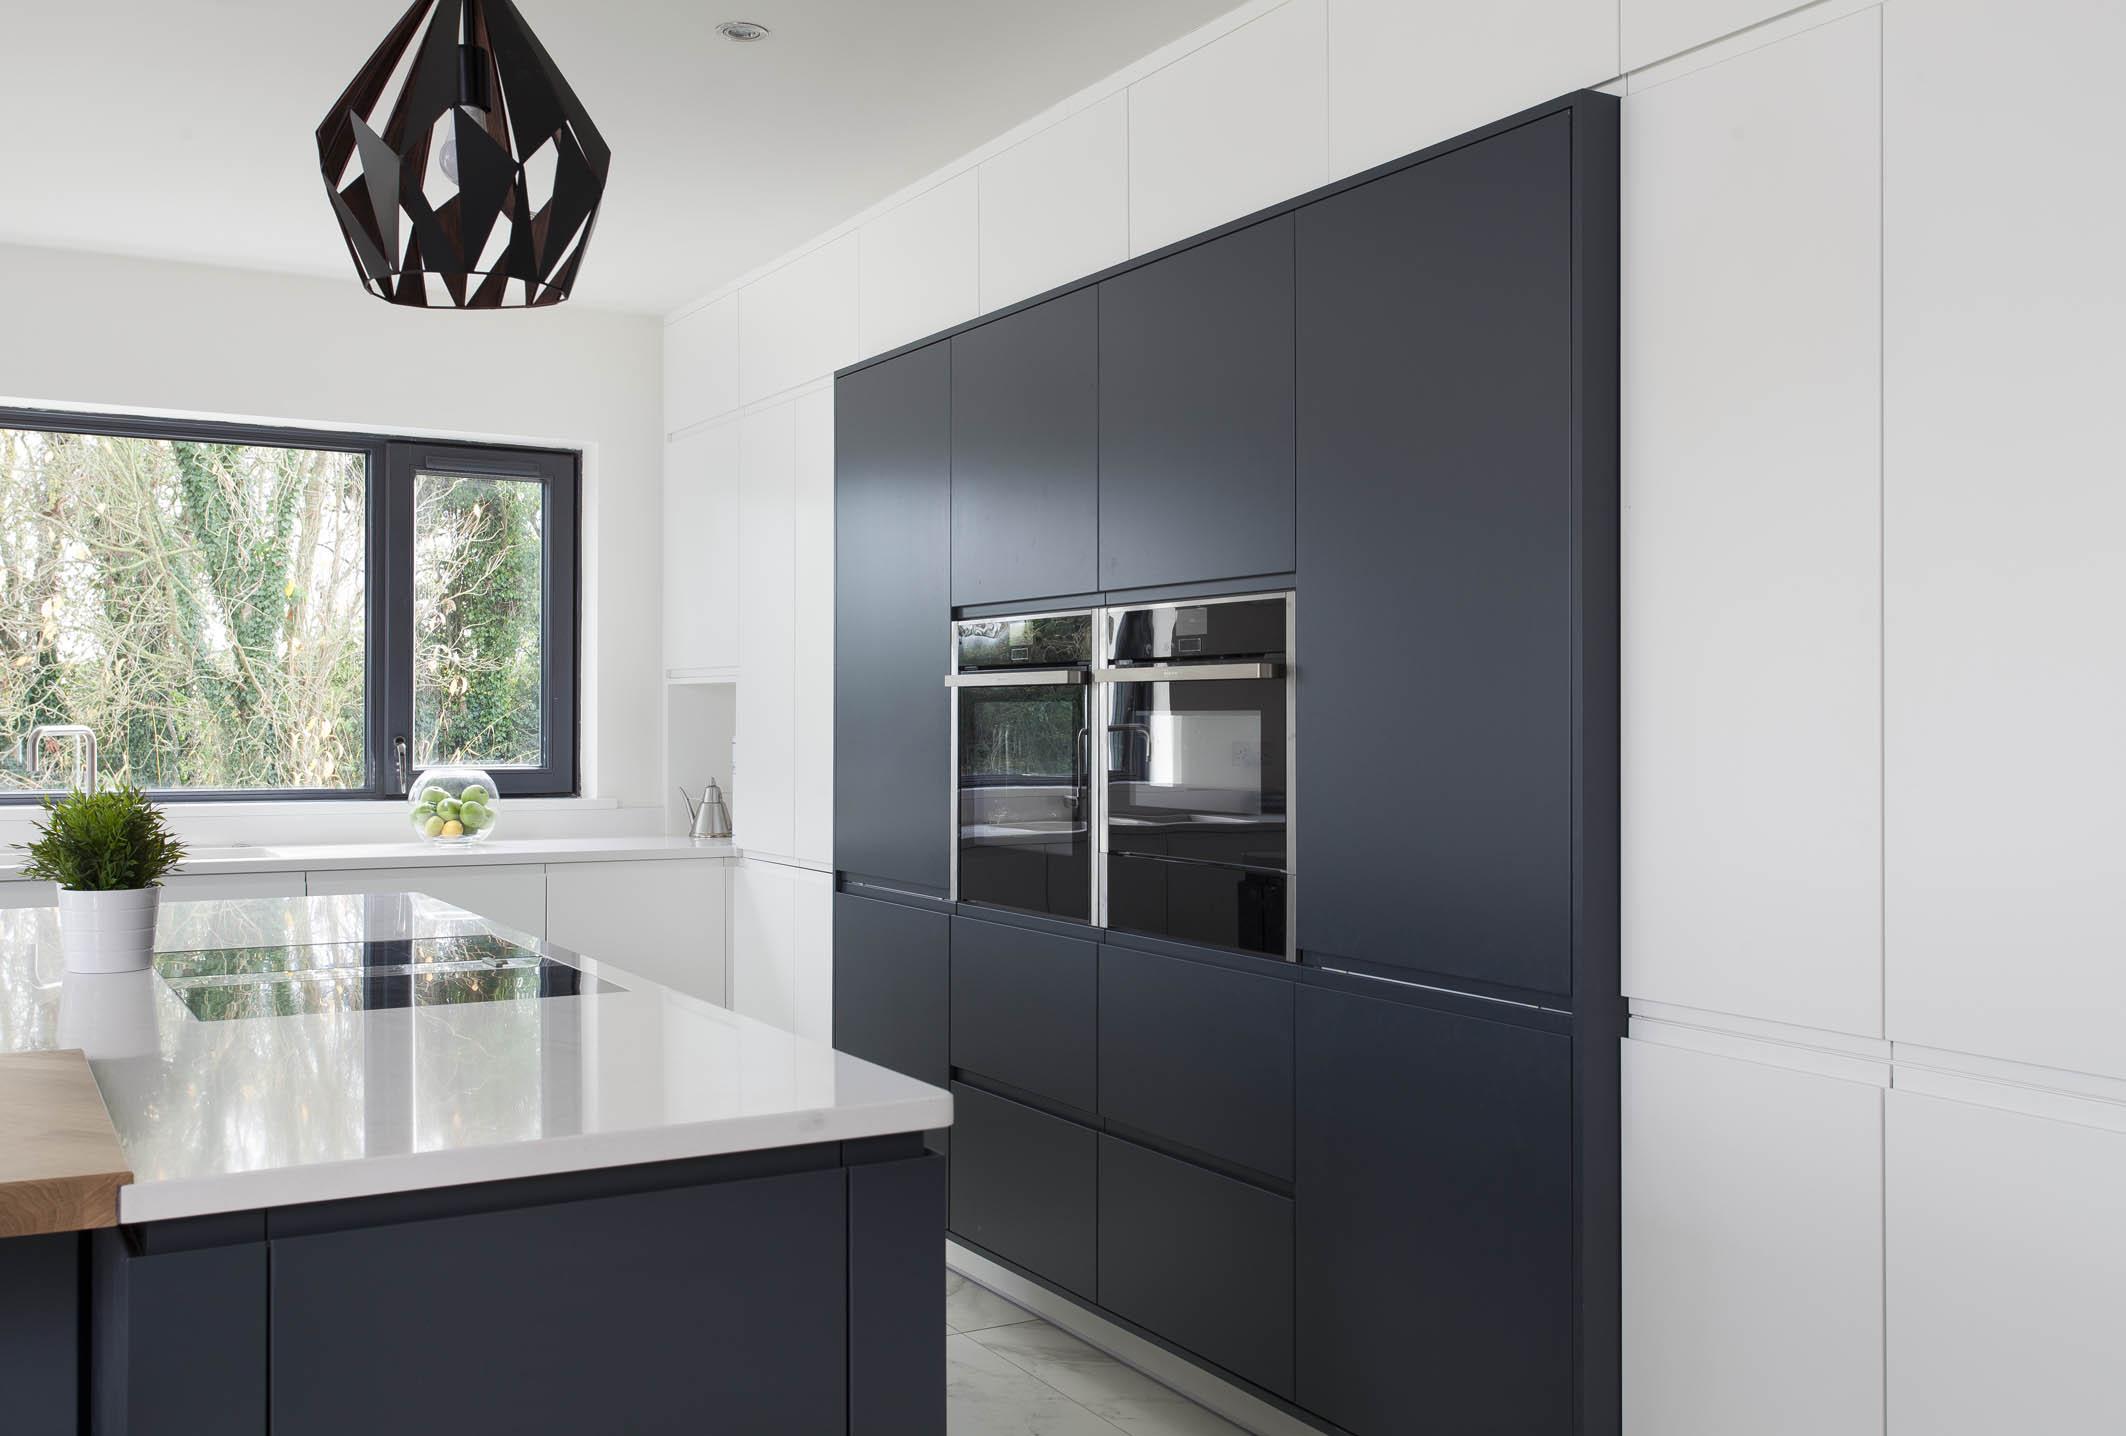 savvy kitchens irish made classic kitchens tipperary galway